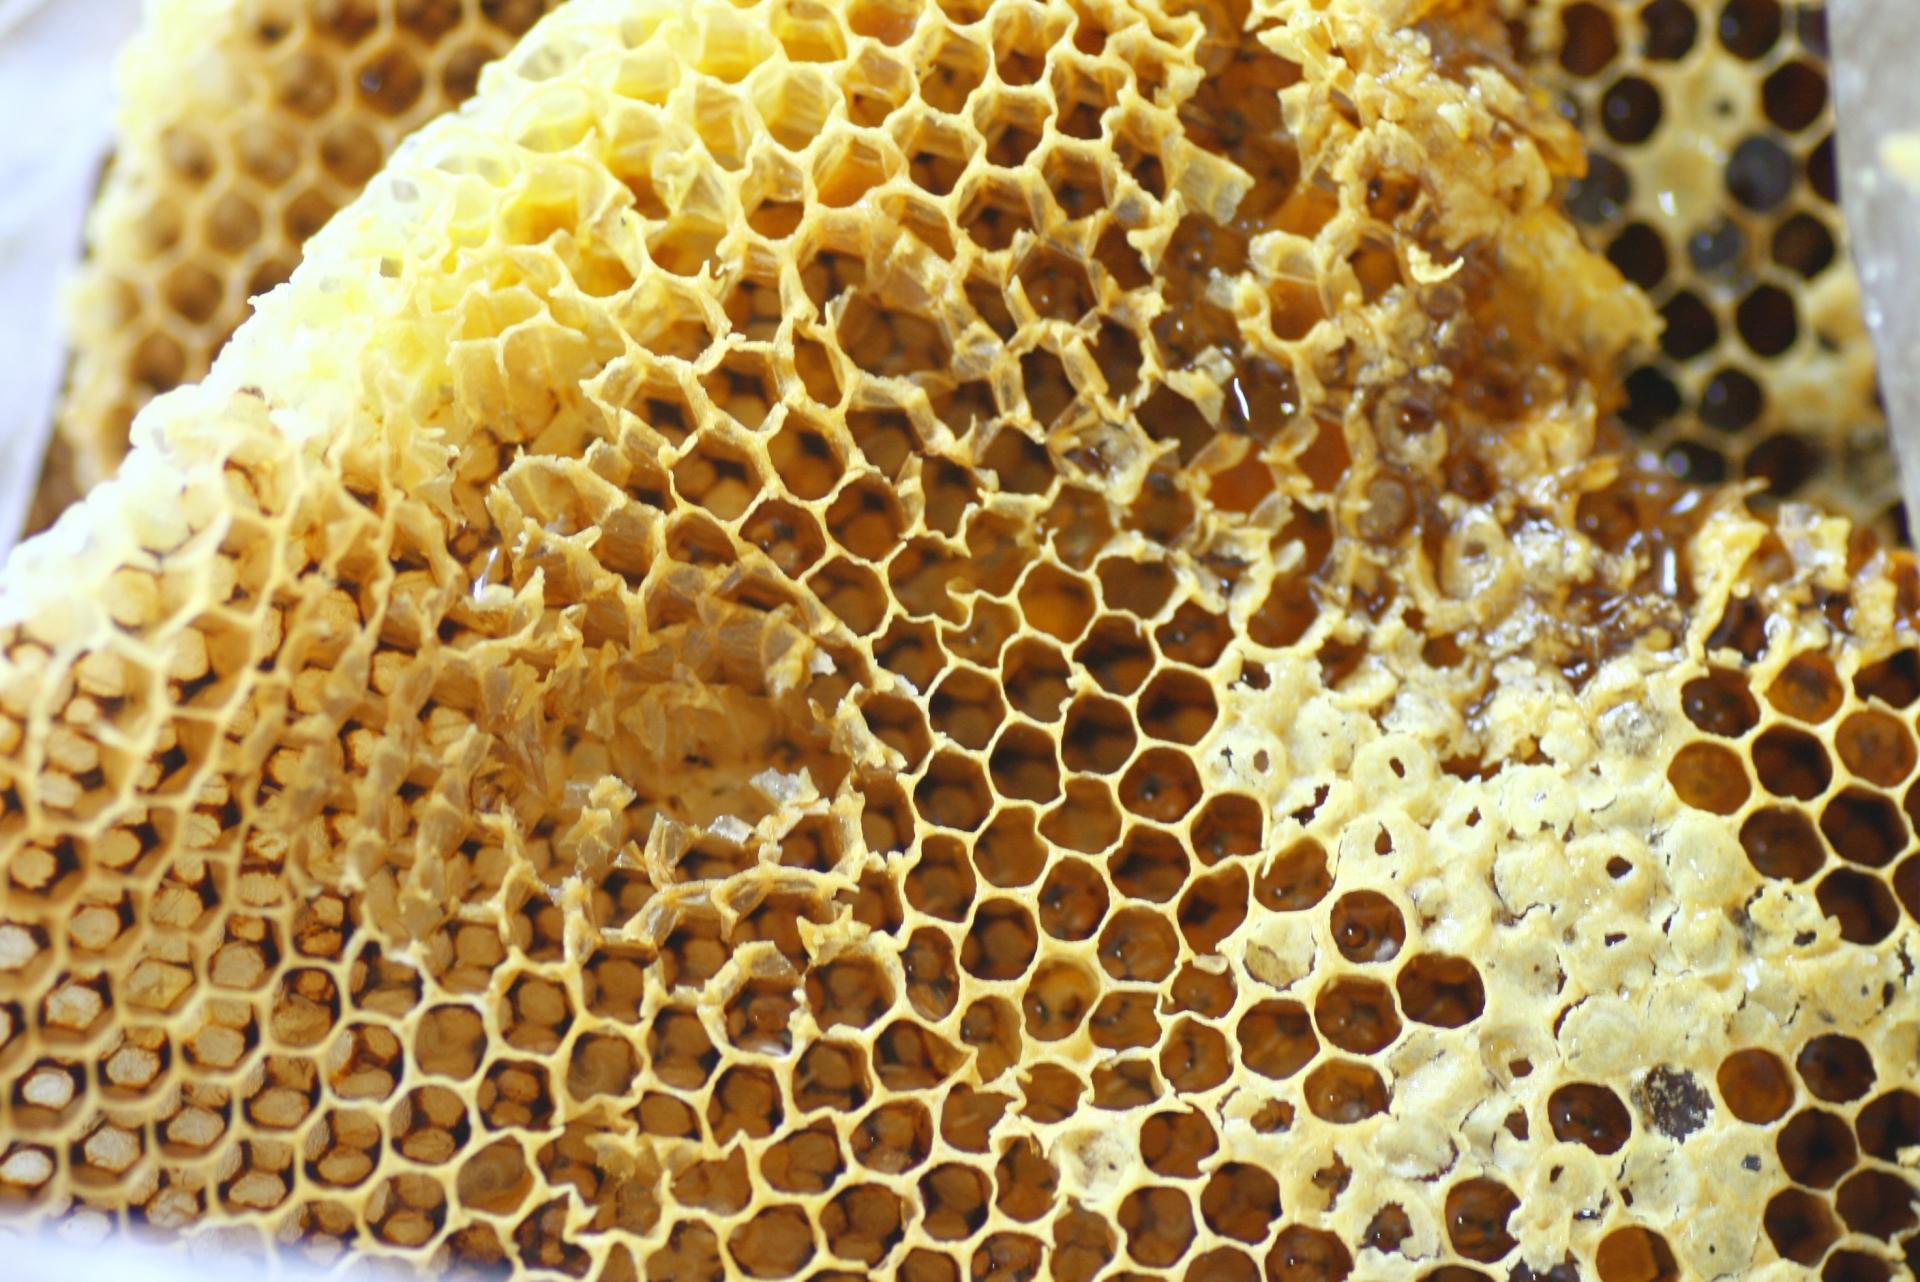 頭皮の育毛環境を向上させる蜂蜜に含まれる栄養素